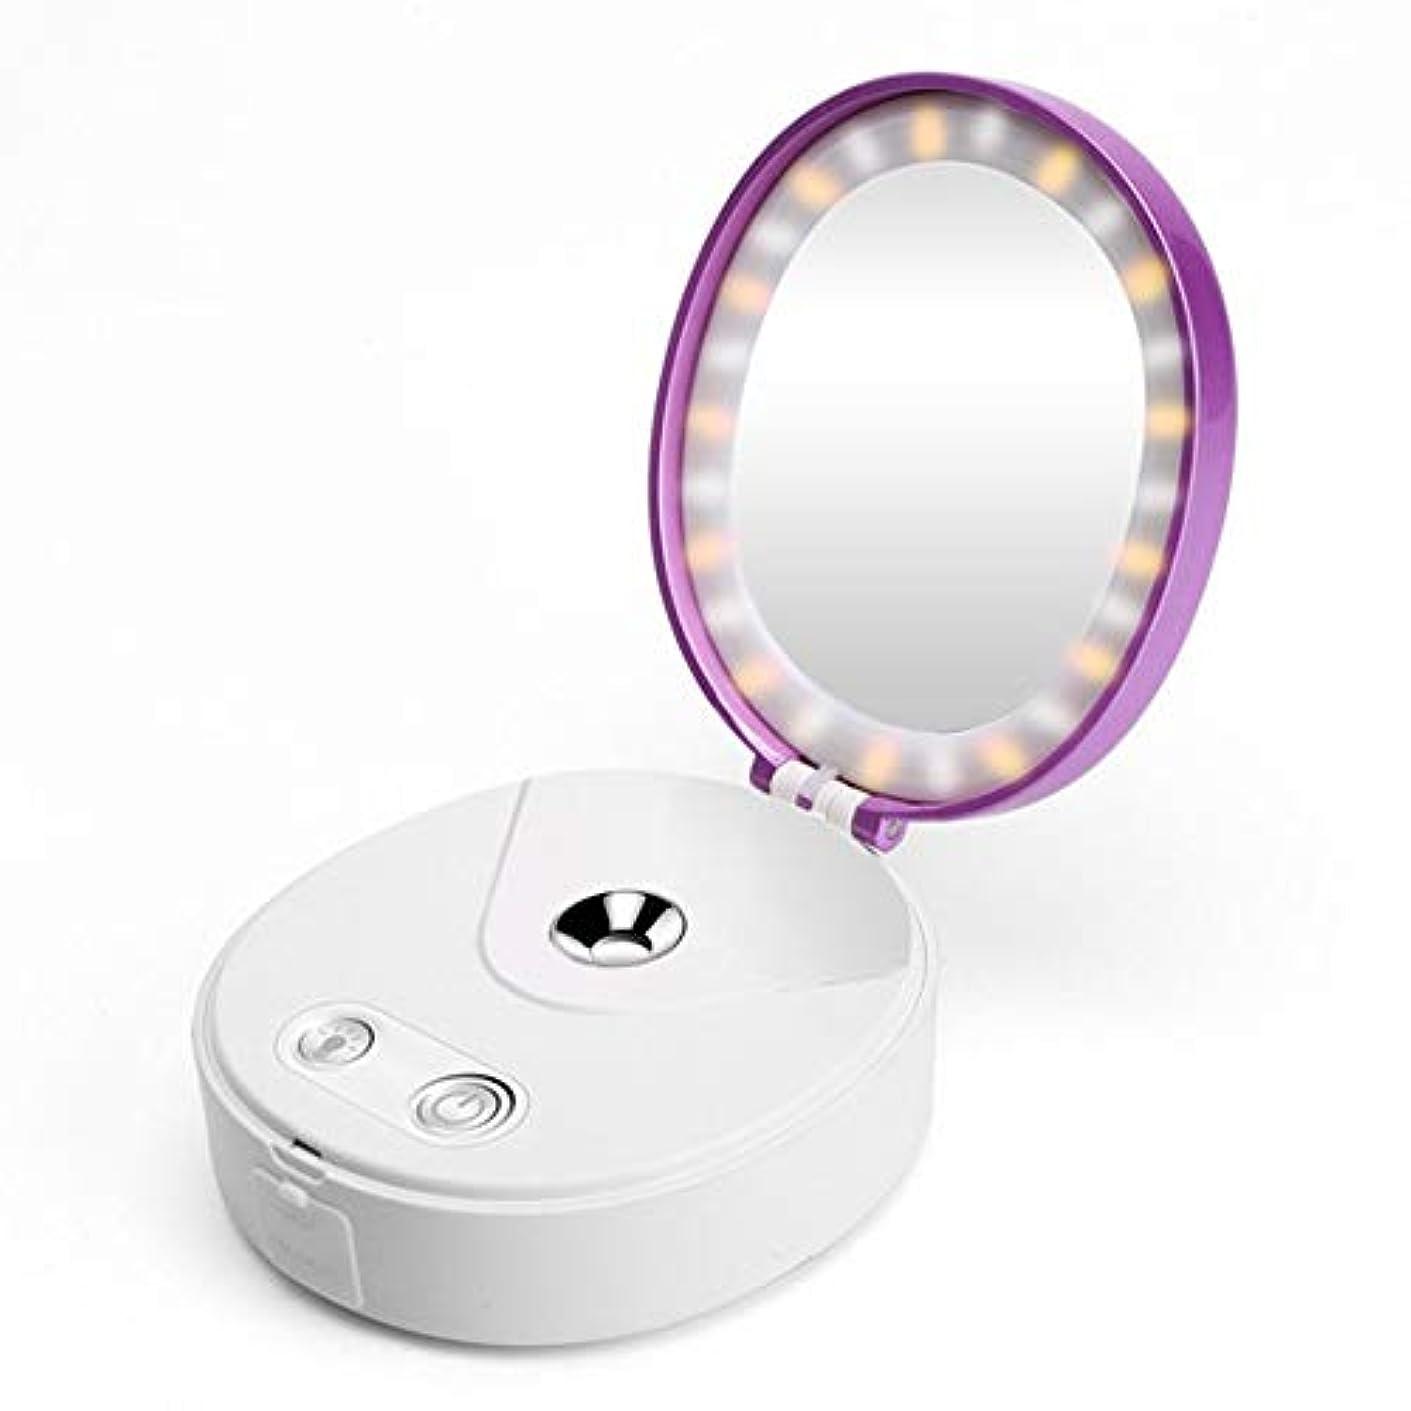 適性不調和適性化粧鏡ライト力銀行が付いている1つの小型ナノ霧の冷たいスプレーヤーの顔の加湿器に付き4つ